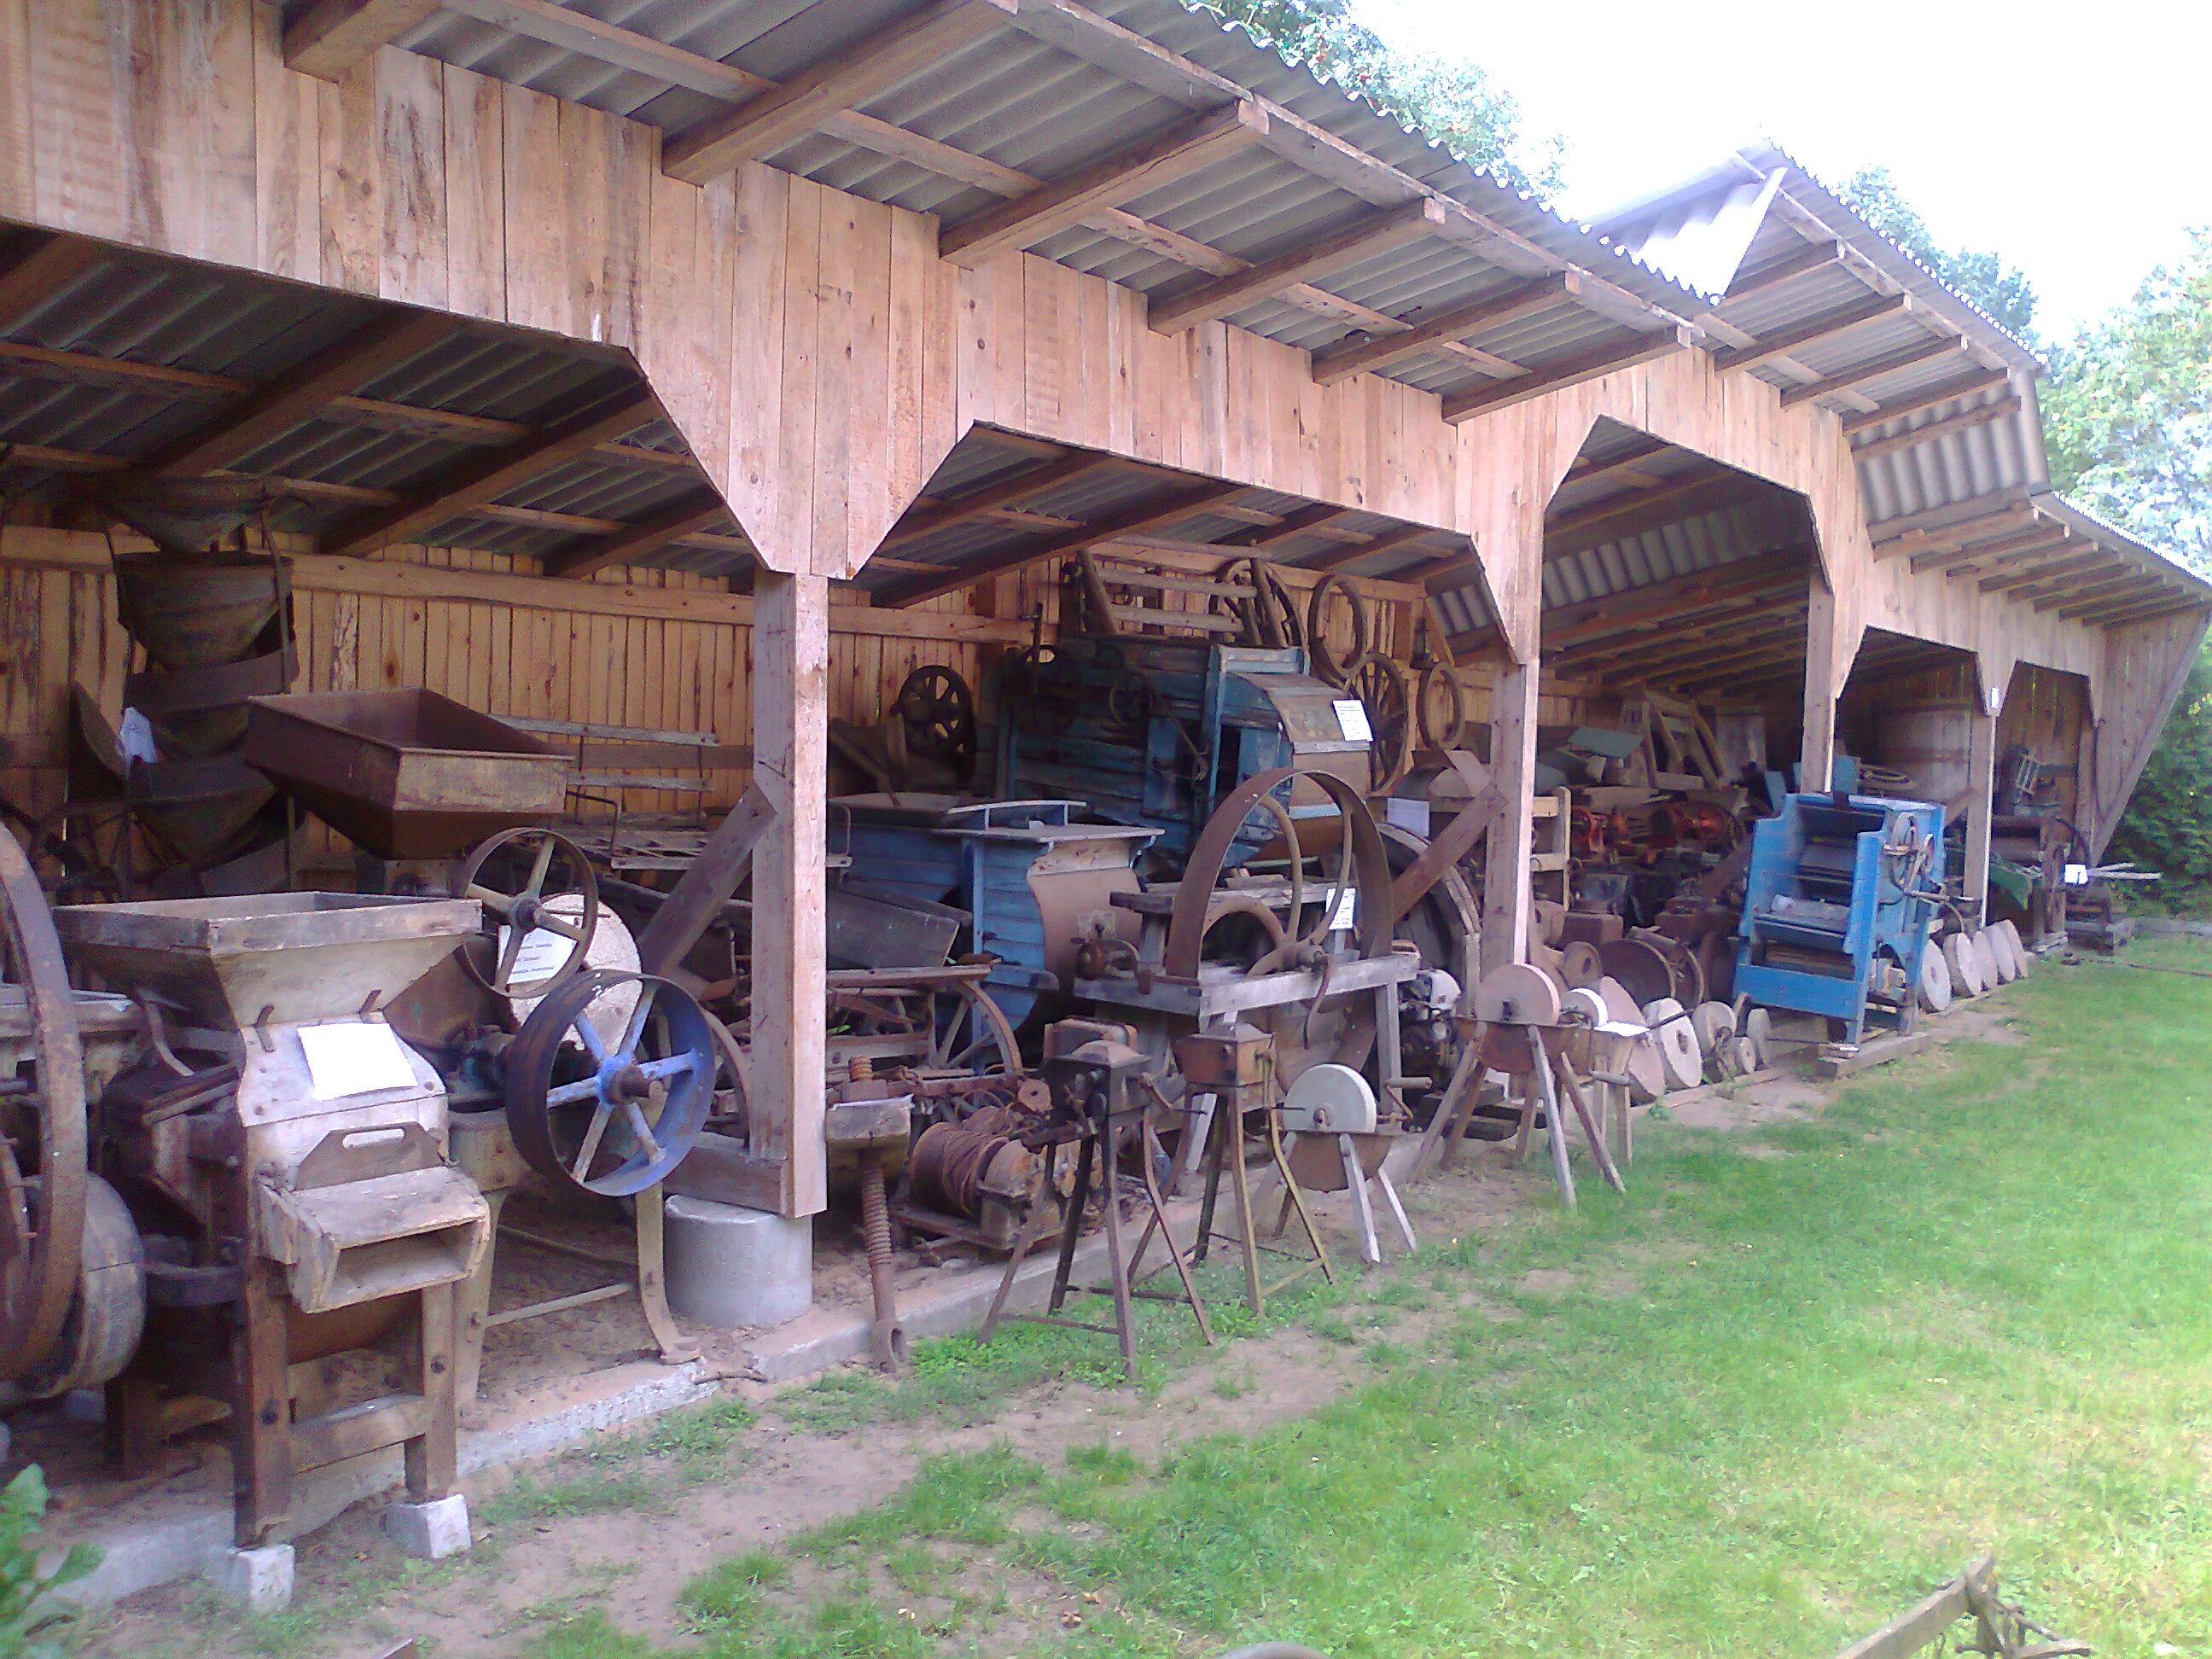 turtingiausia Lietuvoje technikos kolekcija glaudziasi kukliose pašiūrėse